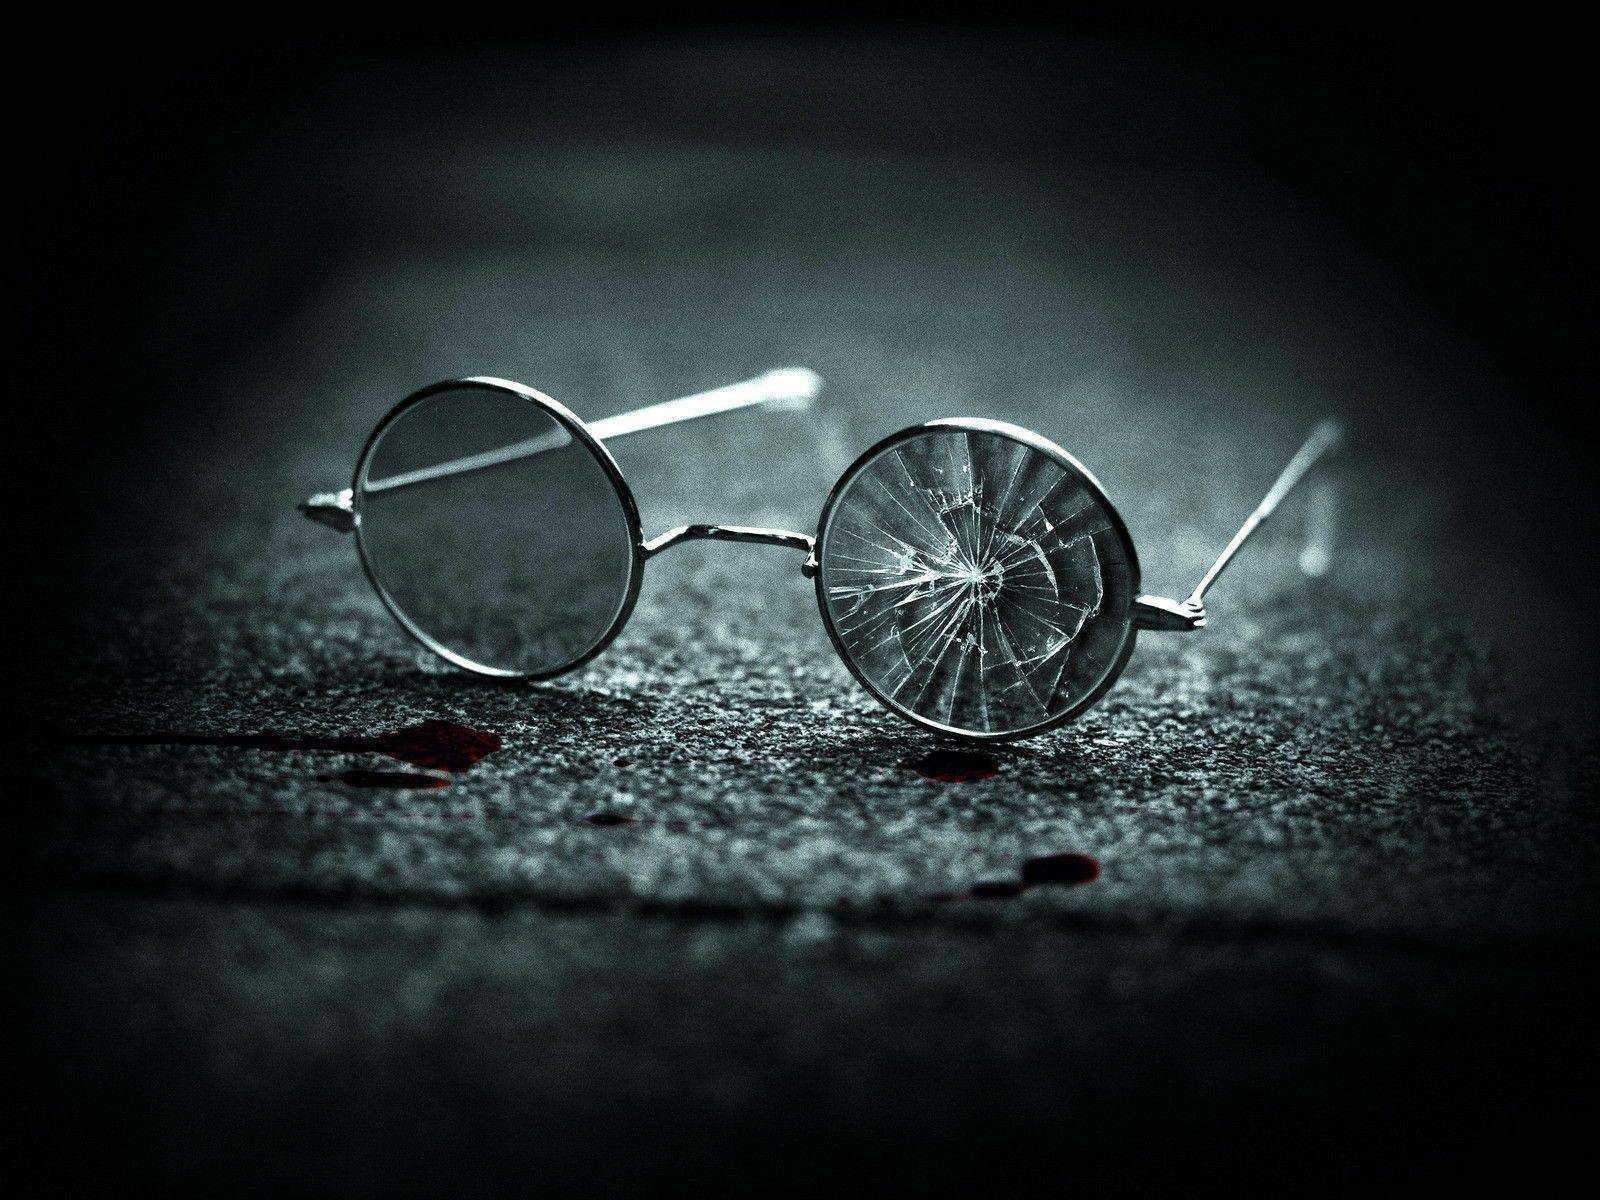 I migliori Top 10: le migliori custodie per occhiali per evitarne la rottura